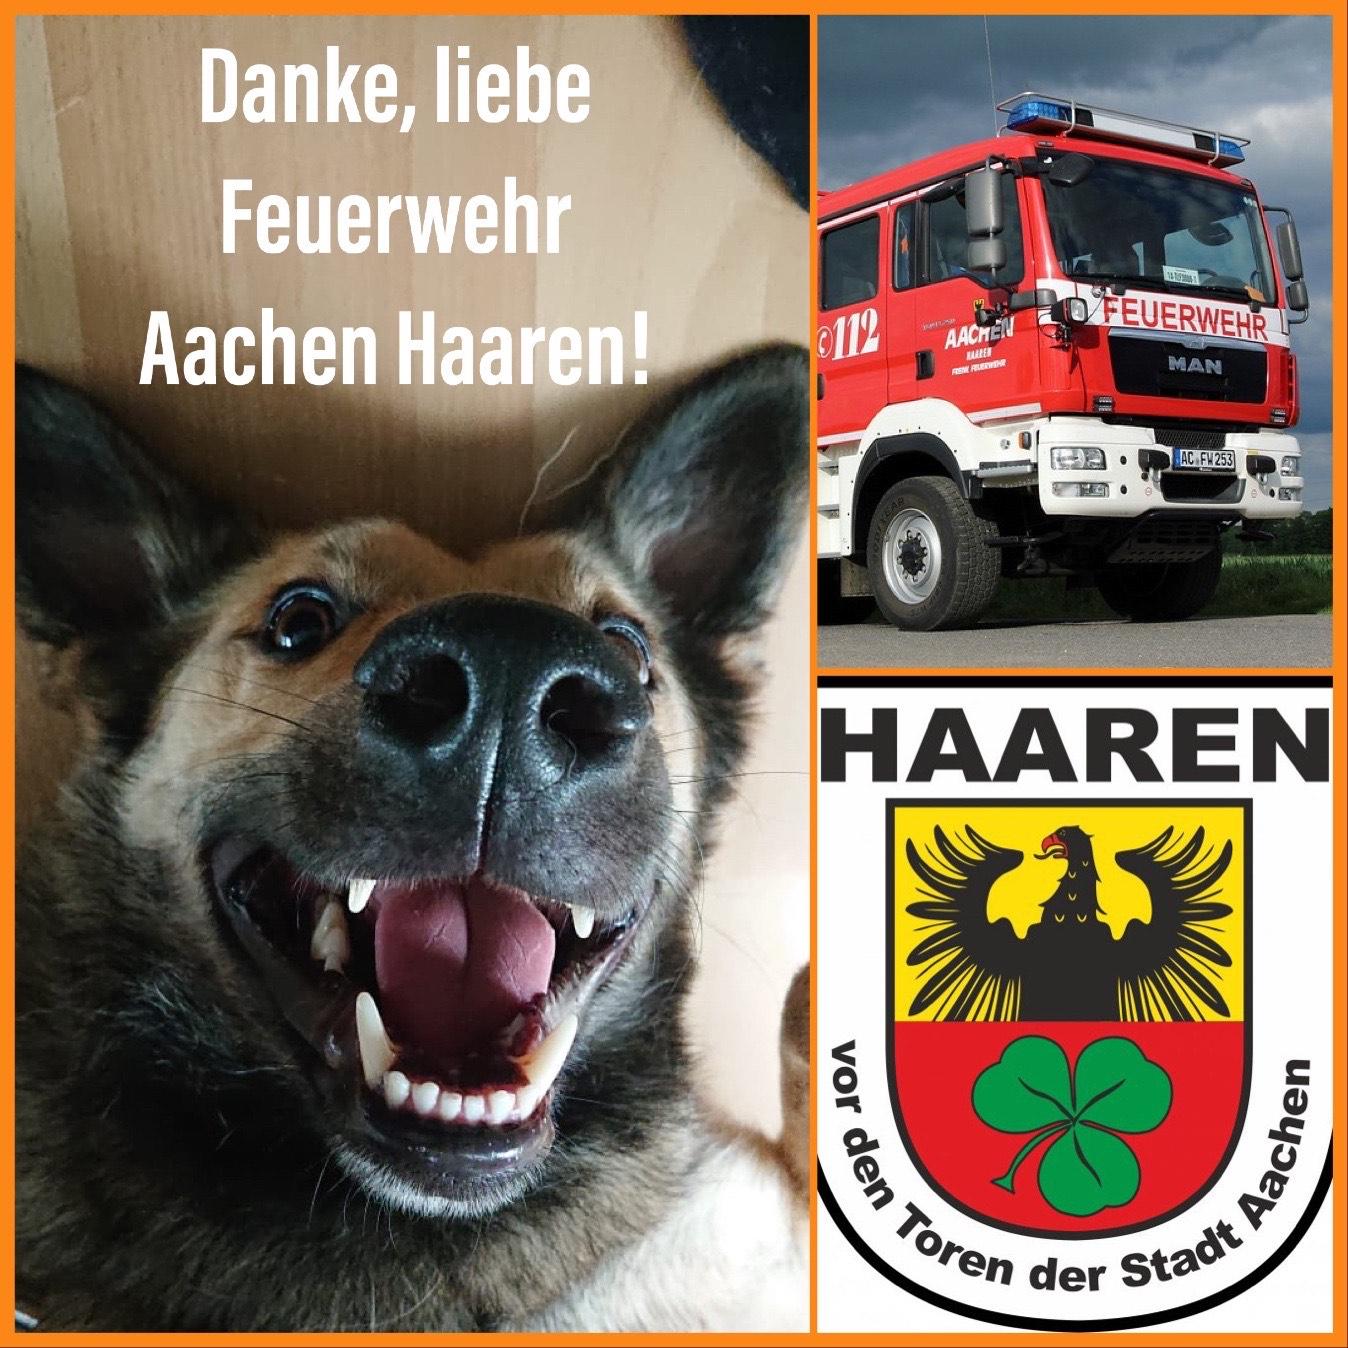 Tannenbaumaktion der Freiwilligen Feuerwehr in Aachen-Haaren